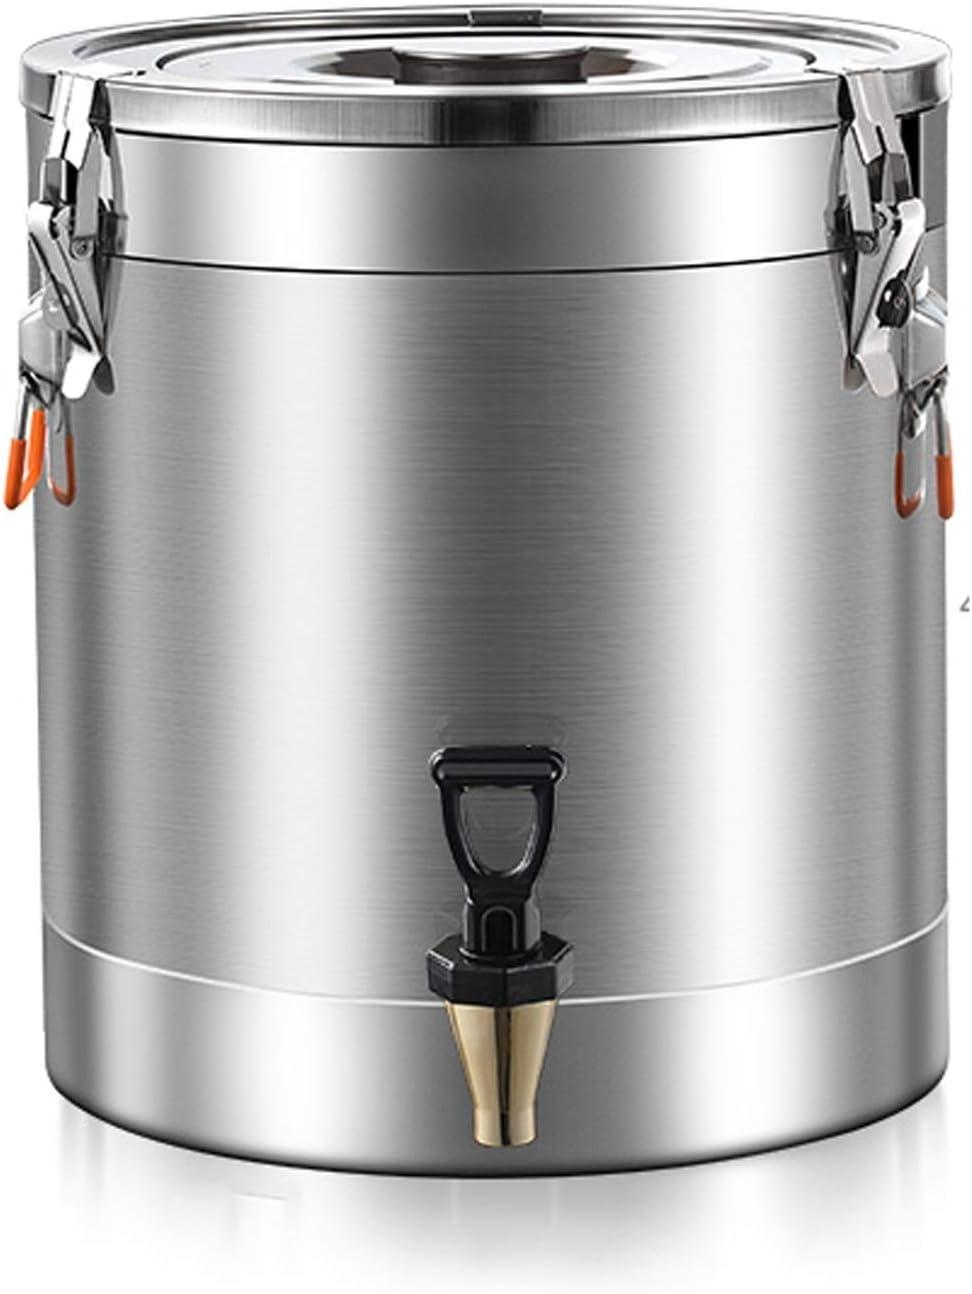 LWL 304 Barril de Acero Inoxidable, fermentador de Acero Inoxidable Home Brew Breed Cerveza de Cerveza Haciendo Tambor, Almacenamiento Aceite Arroz Agua Keg (tamaño : 60L)